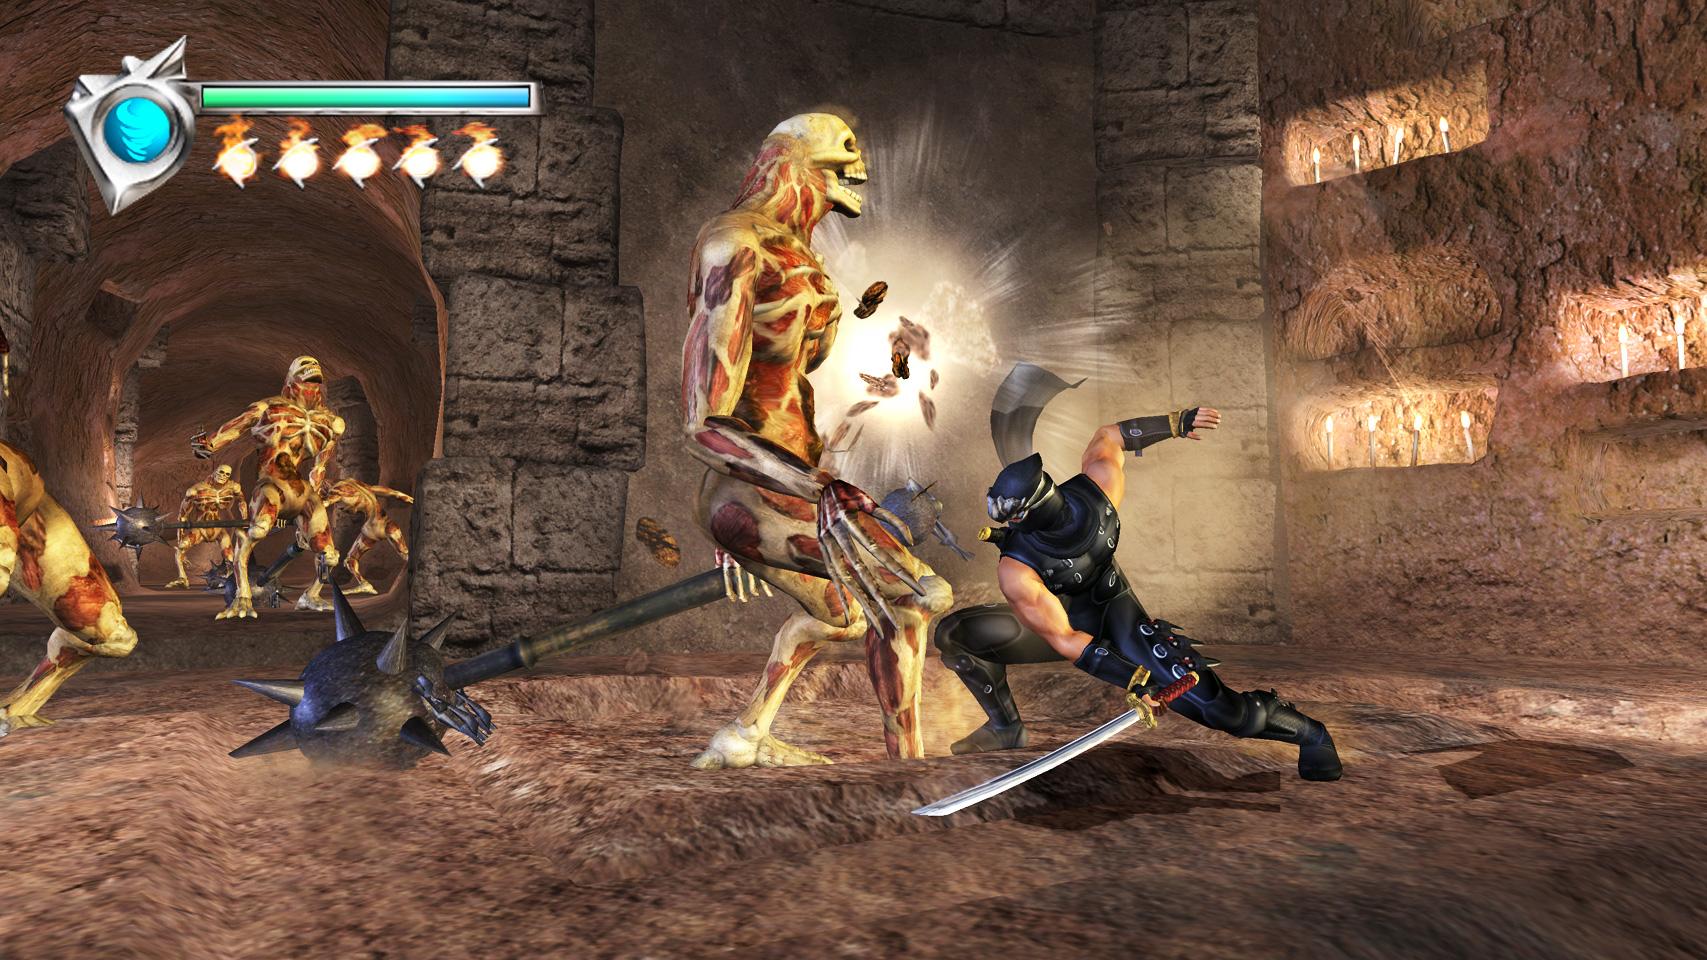 Lista completa de juegos retrocompatibles para Xbox One - MeriStation